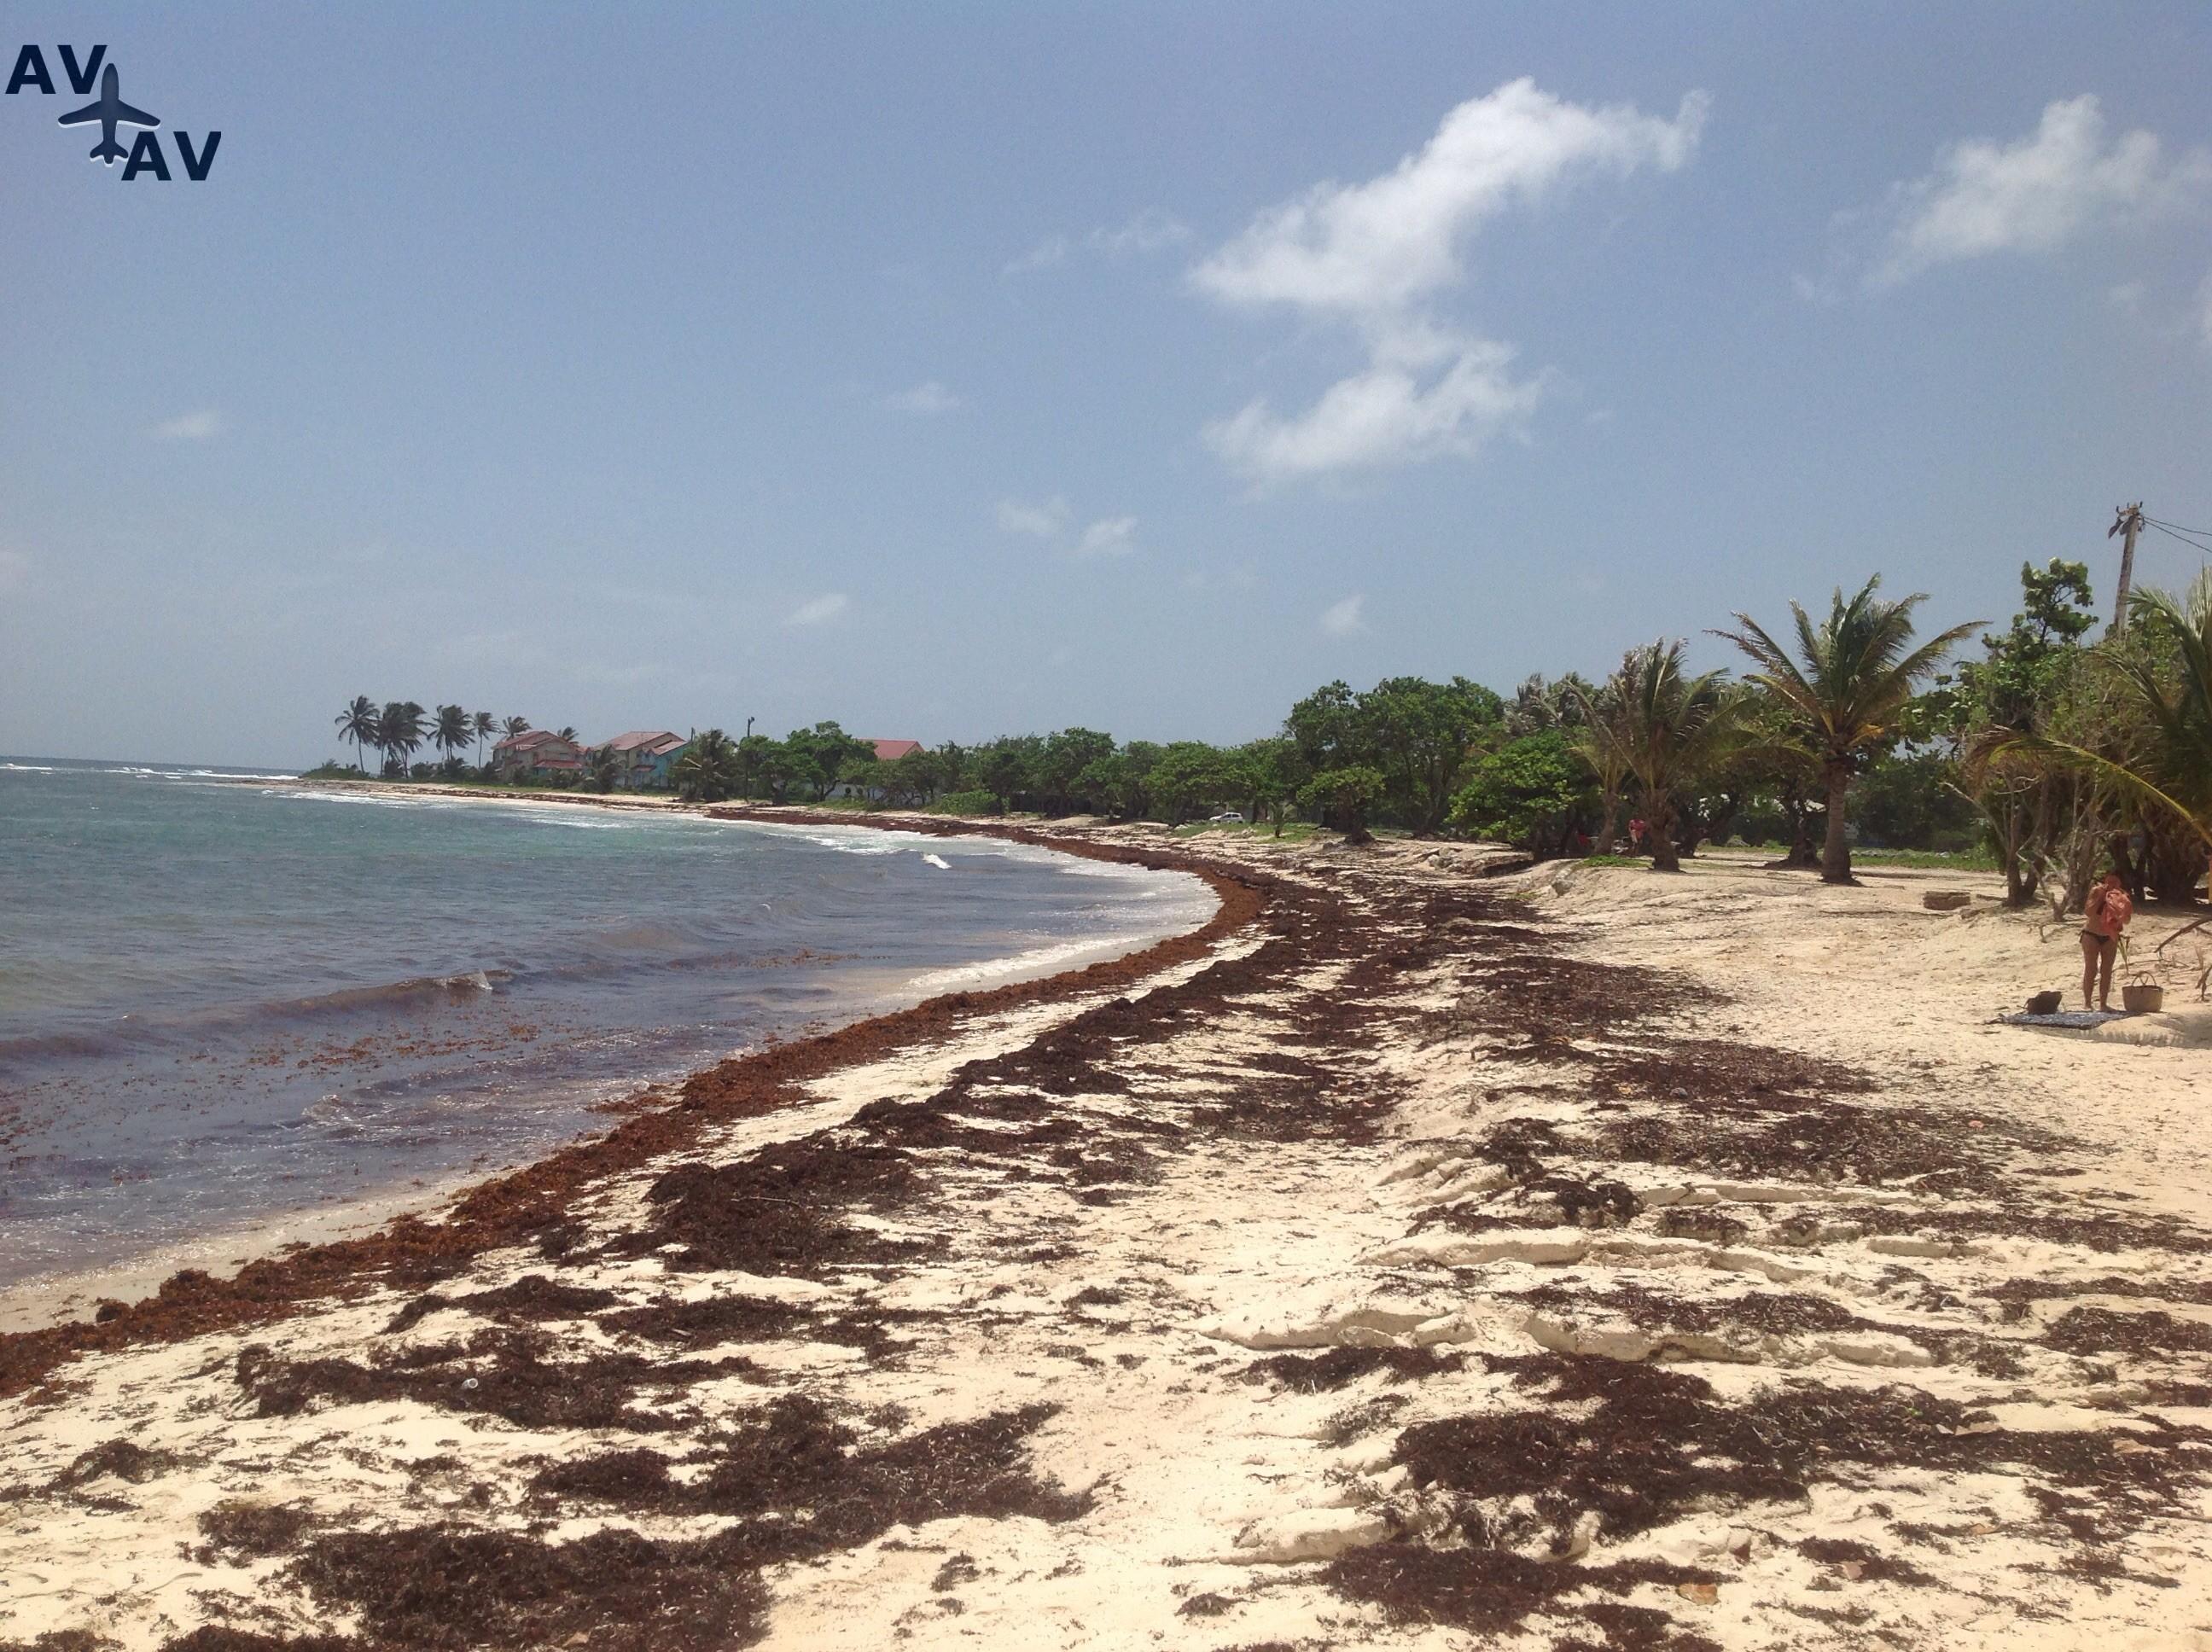 Otdyih na ostrove Gvadelupa - Отдых на острове Гваделупа